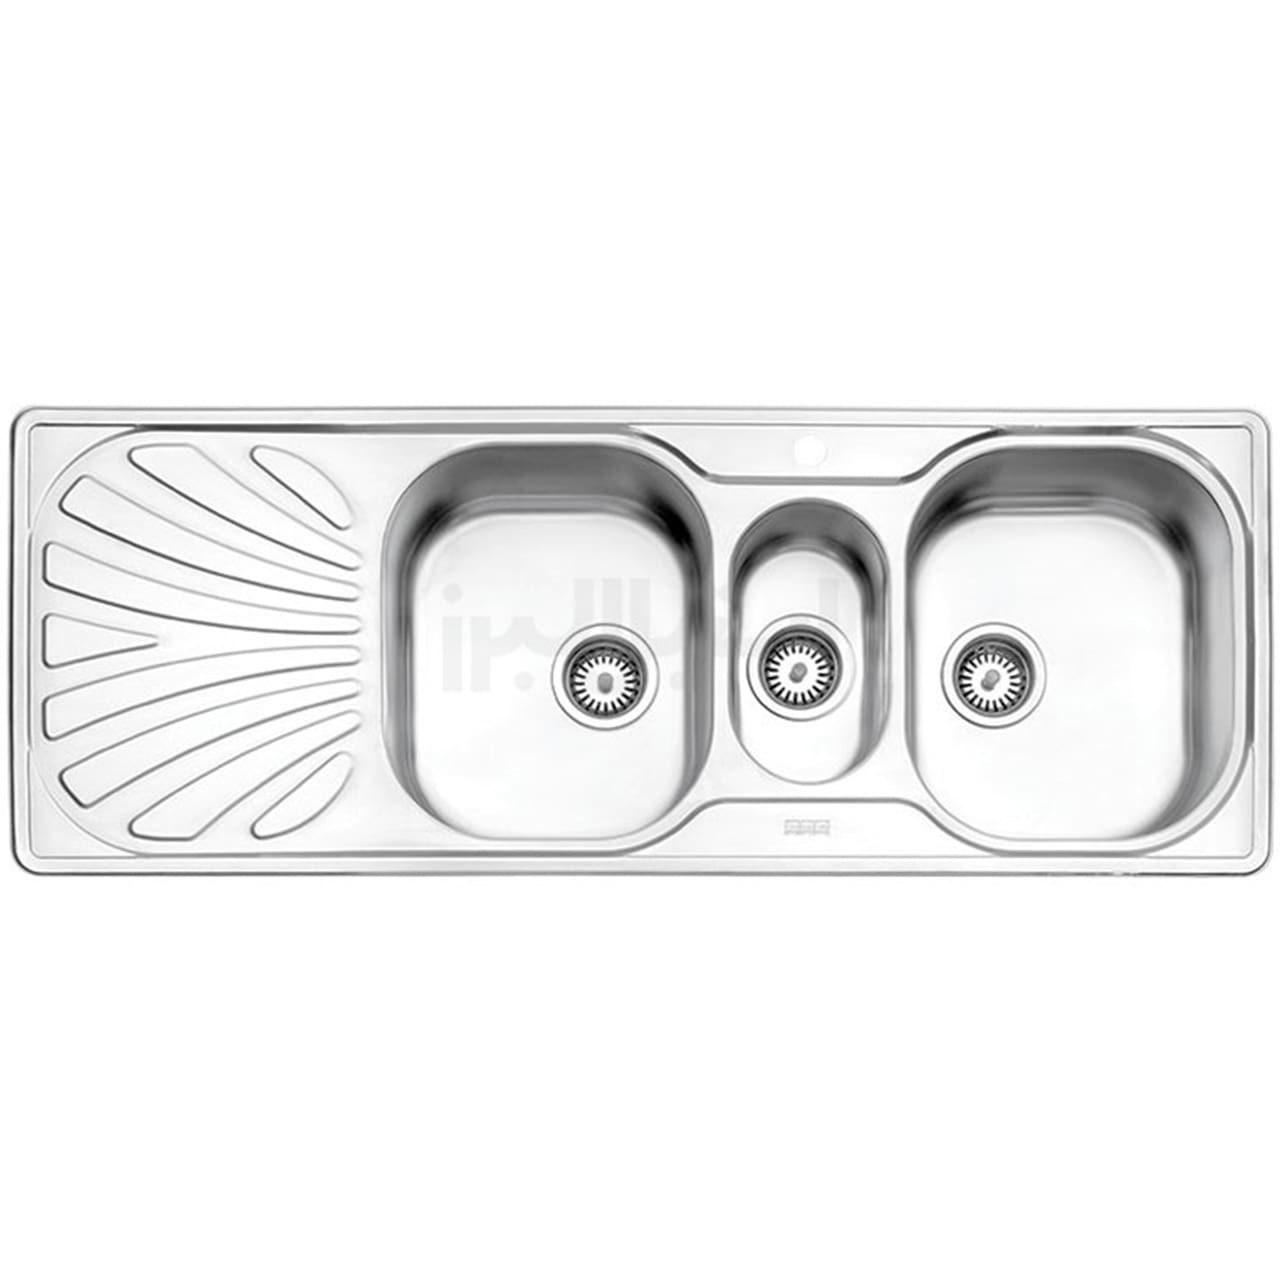 سینک ظرفشویی استیل البرز مدل 530/50 توکار  